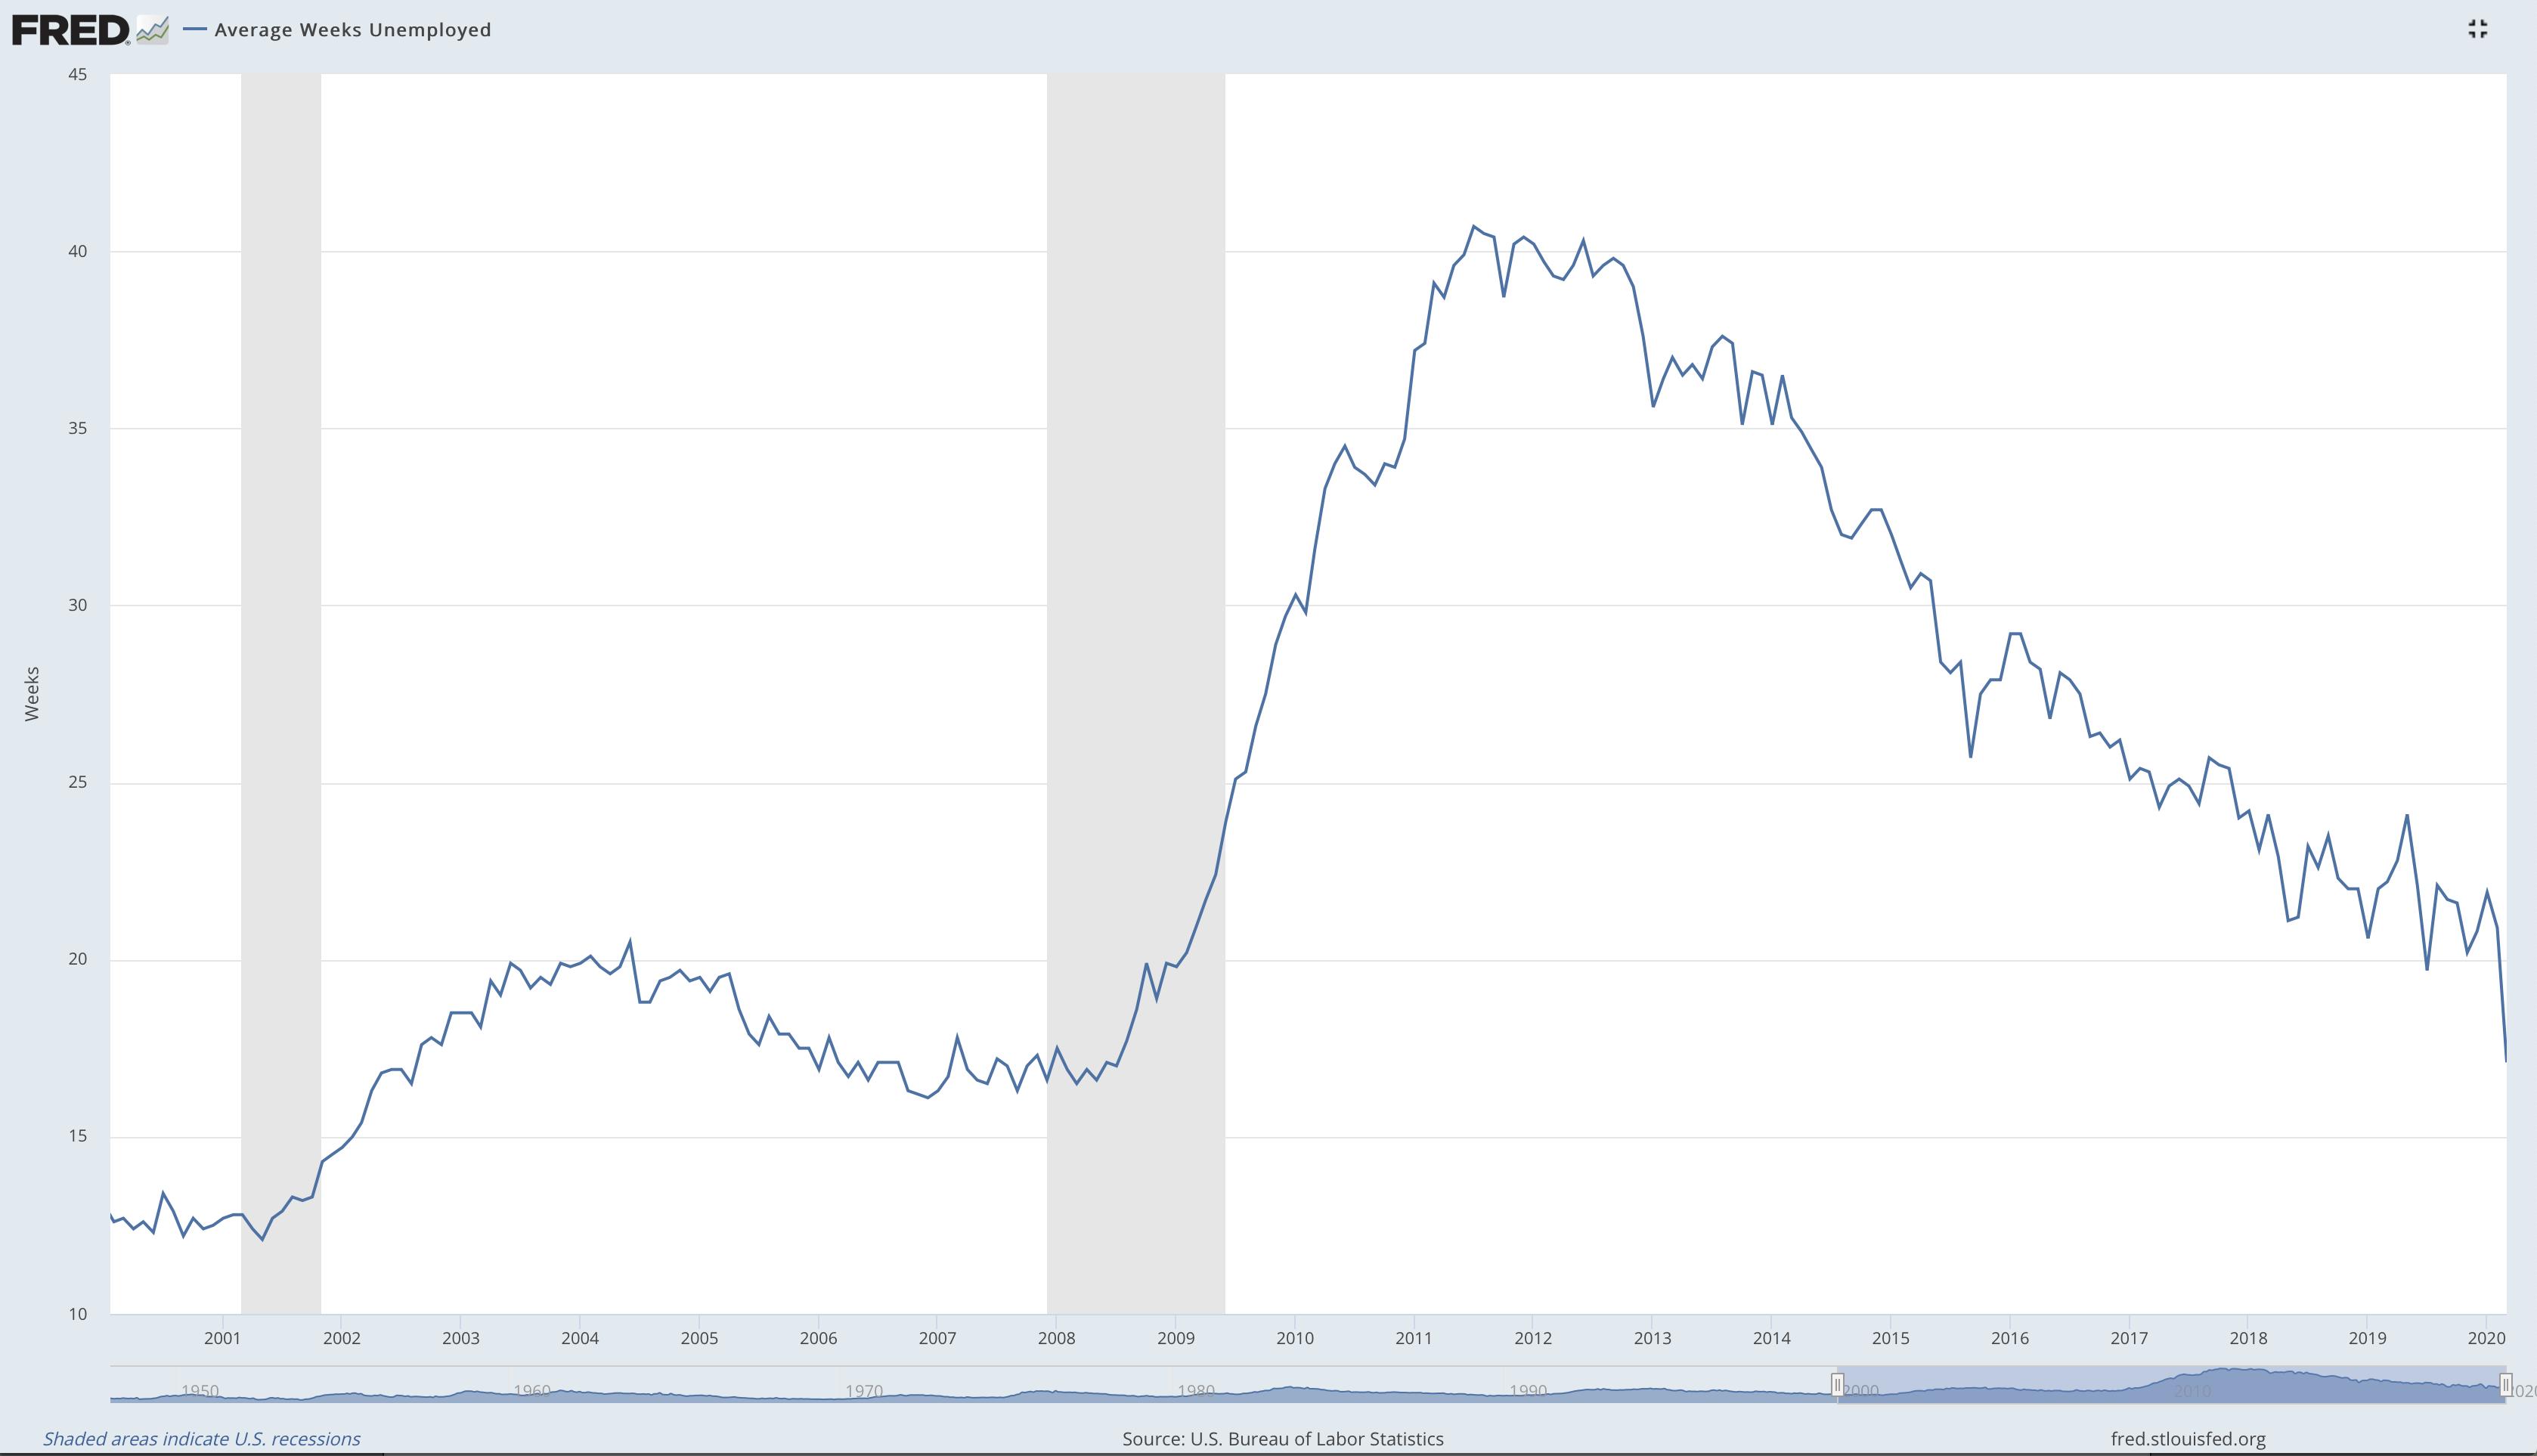 Average Week Unemployed